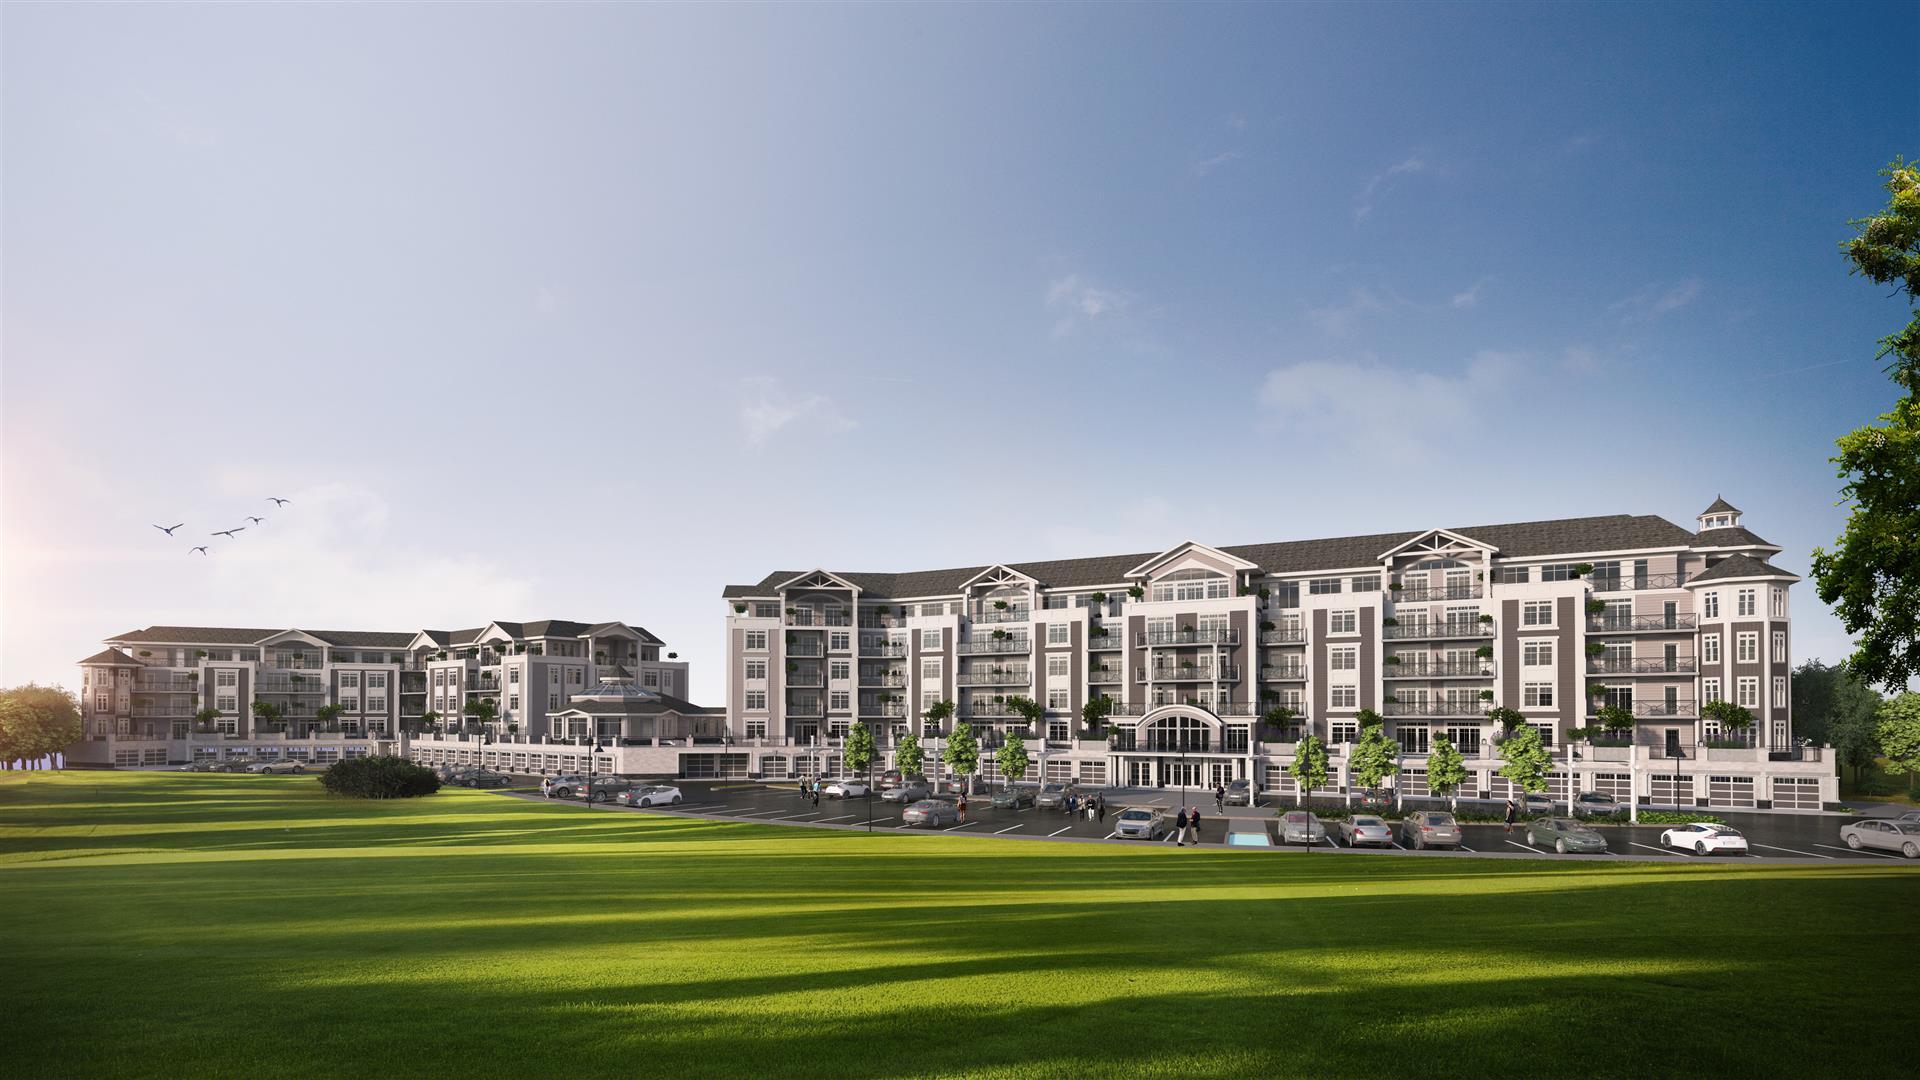 South Shore Condos Garden Toronto, Canada - Condo Investments